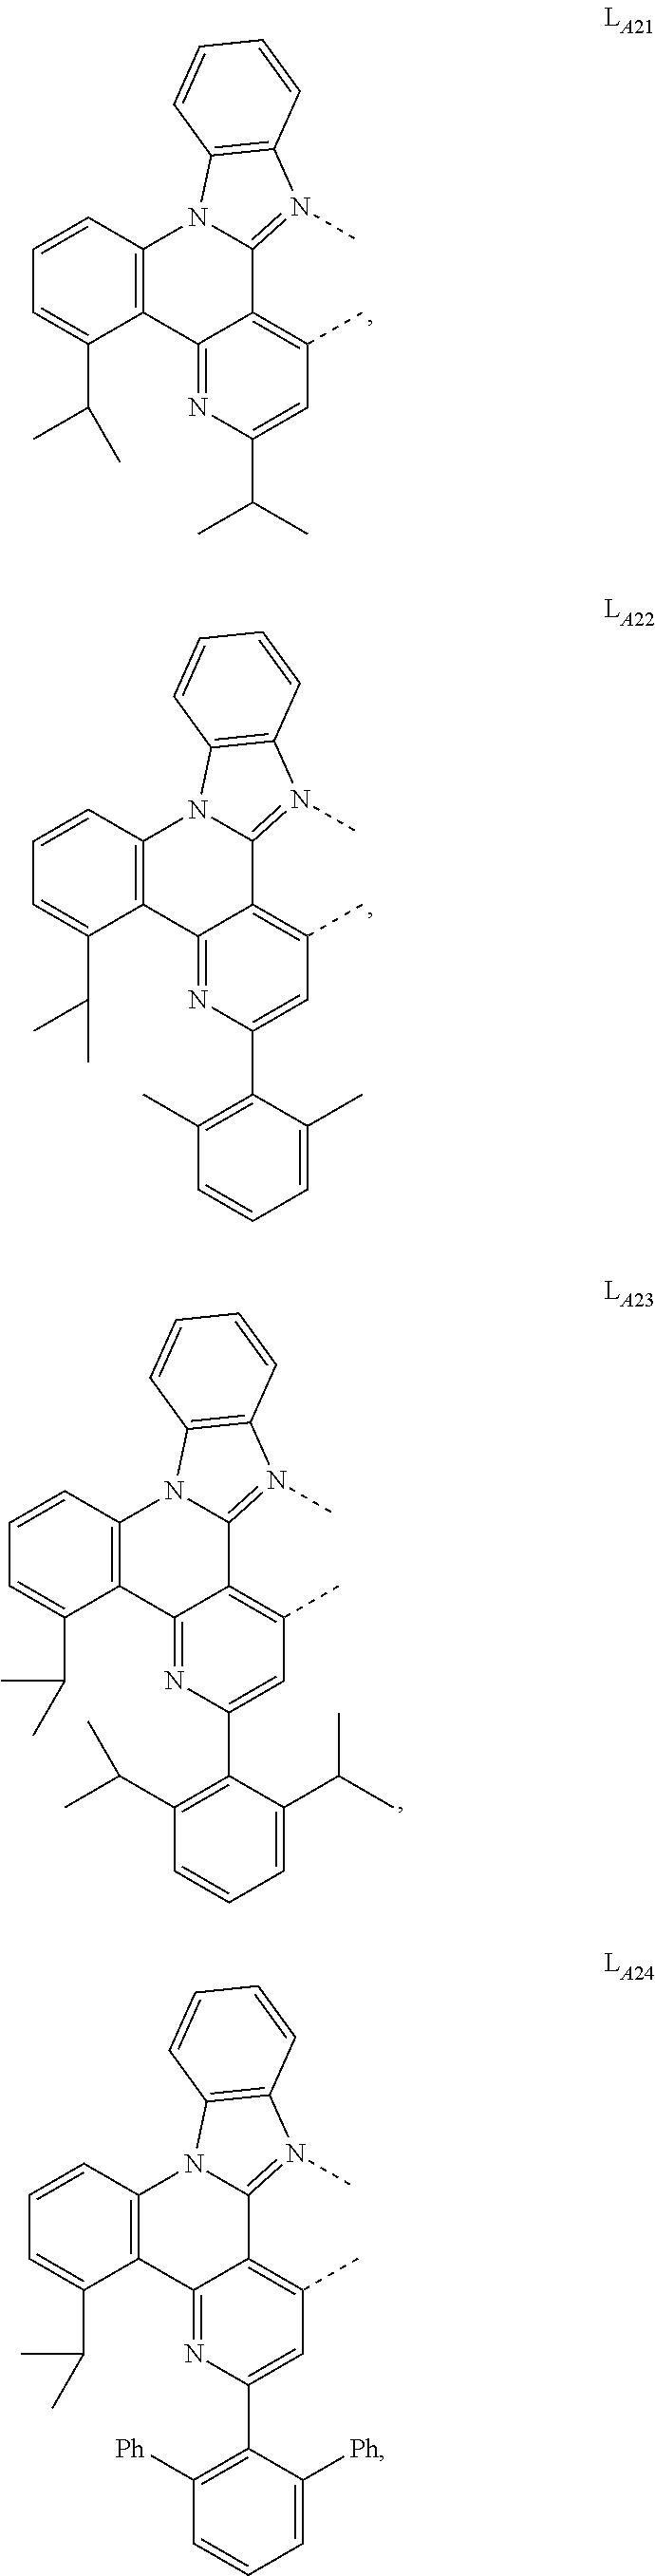 Figure US09905785-20180227-C00029